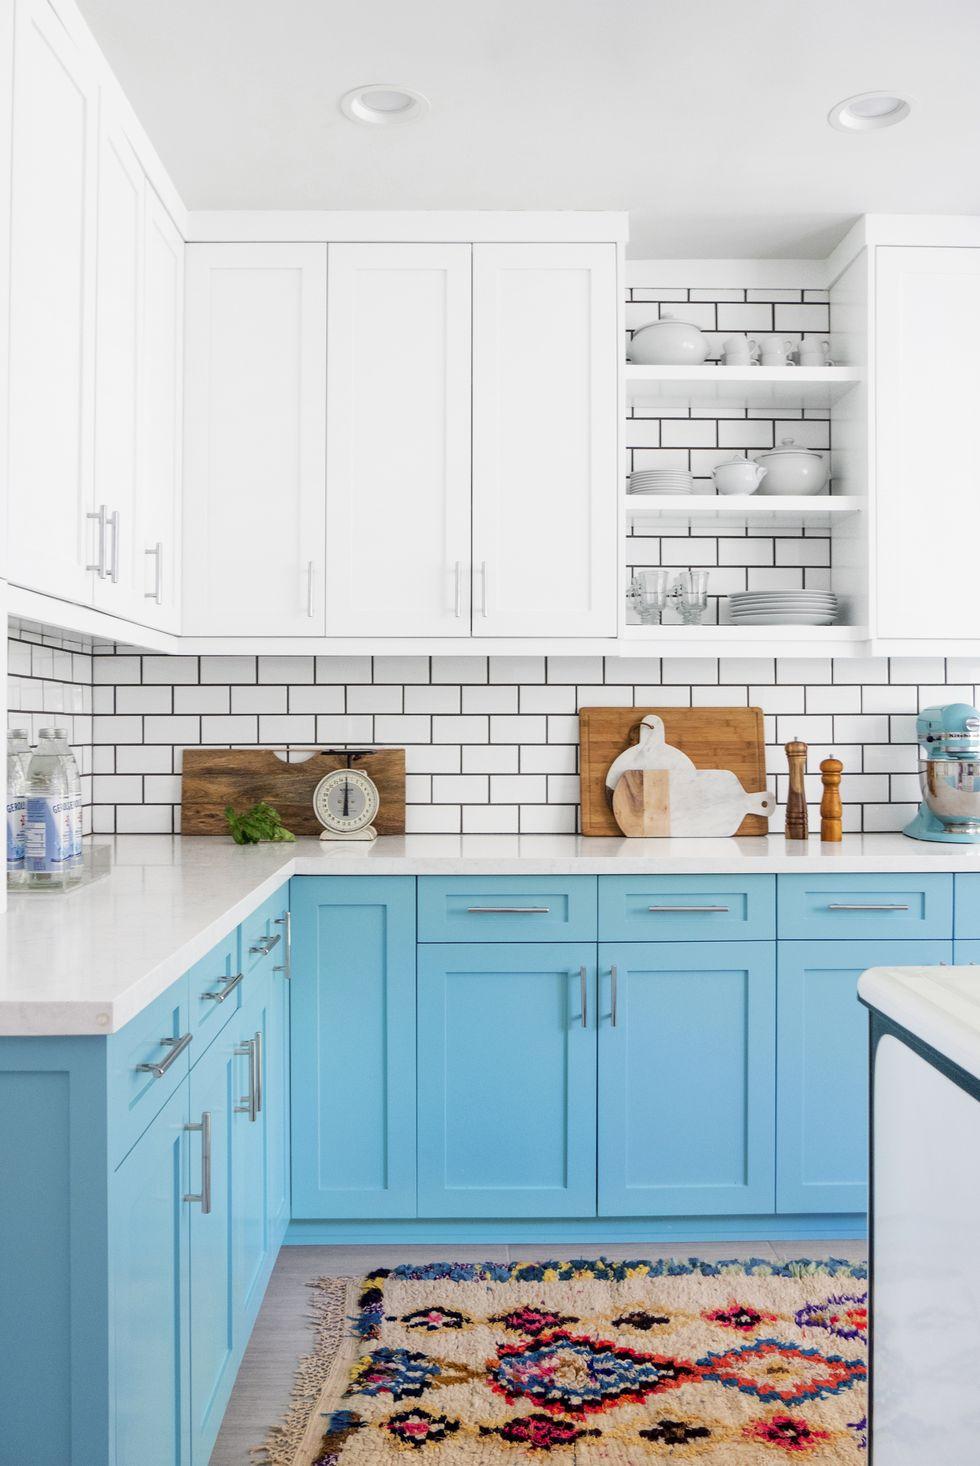 آشپزخانه تم سفید و آبی 2020